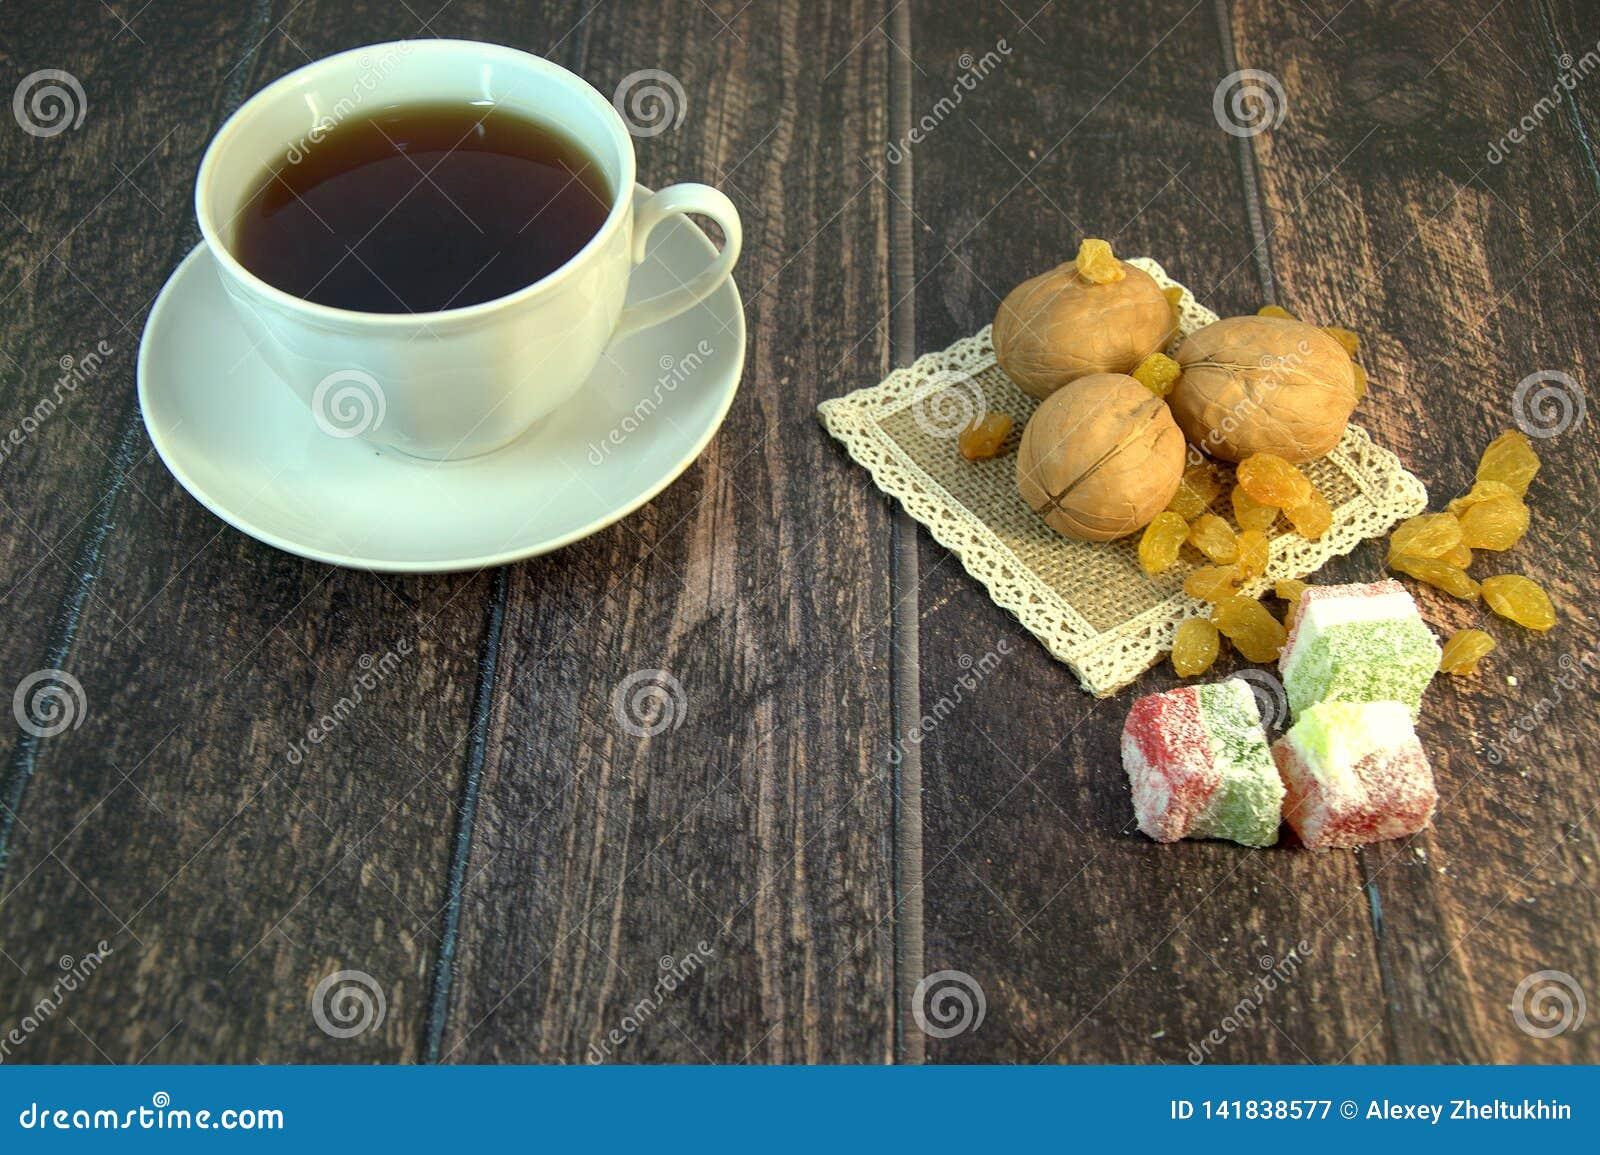 En kopp te på ett tefat, tre valnötter, vita russin och turkisk fröjd på en textilservett, lögn på en trätabell 1 livstid fortfar